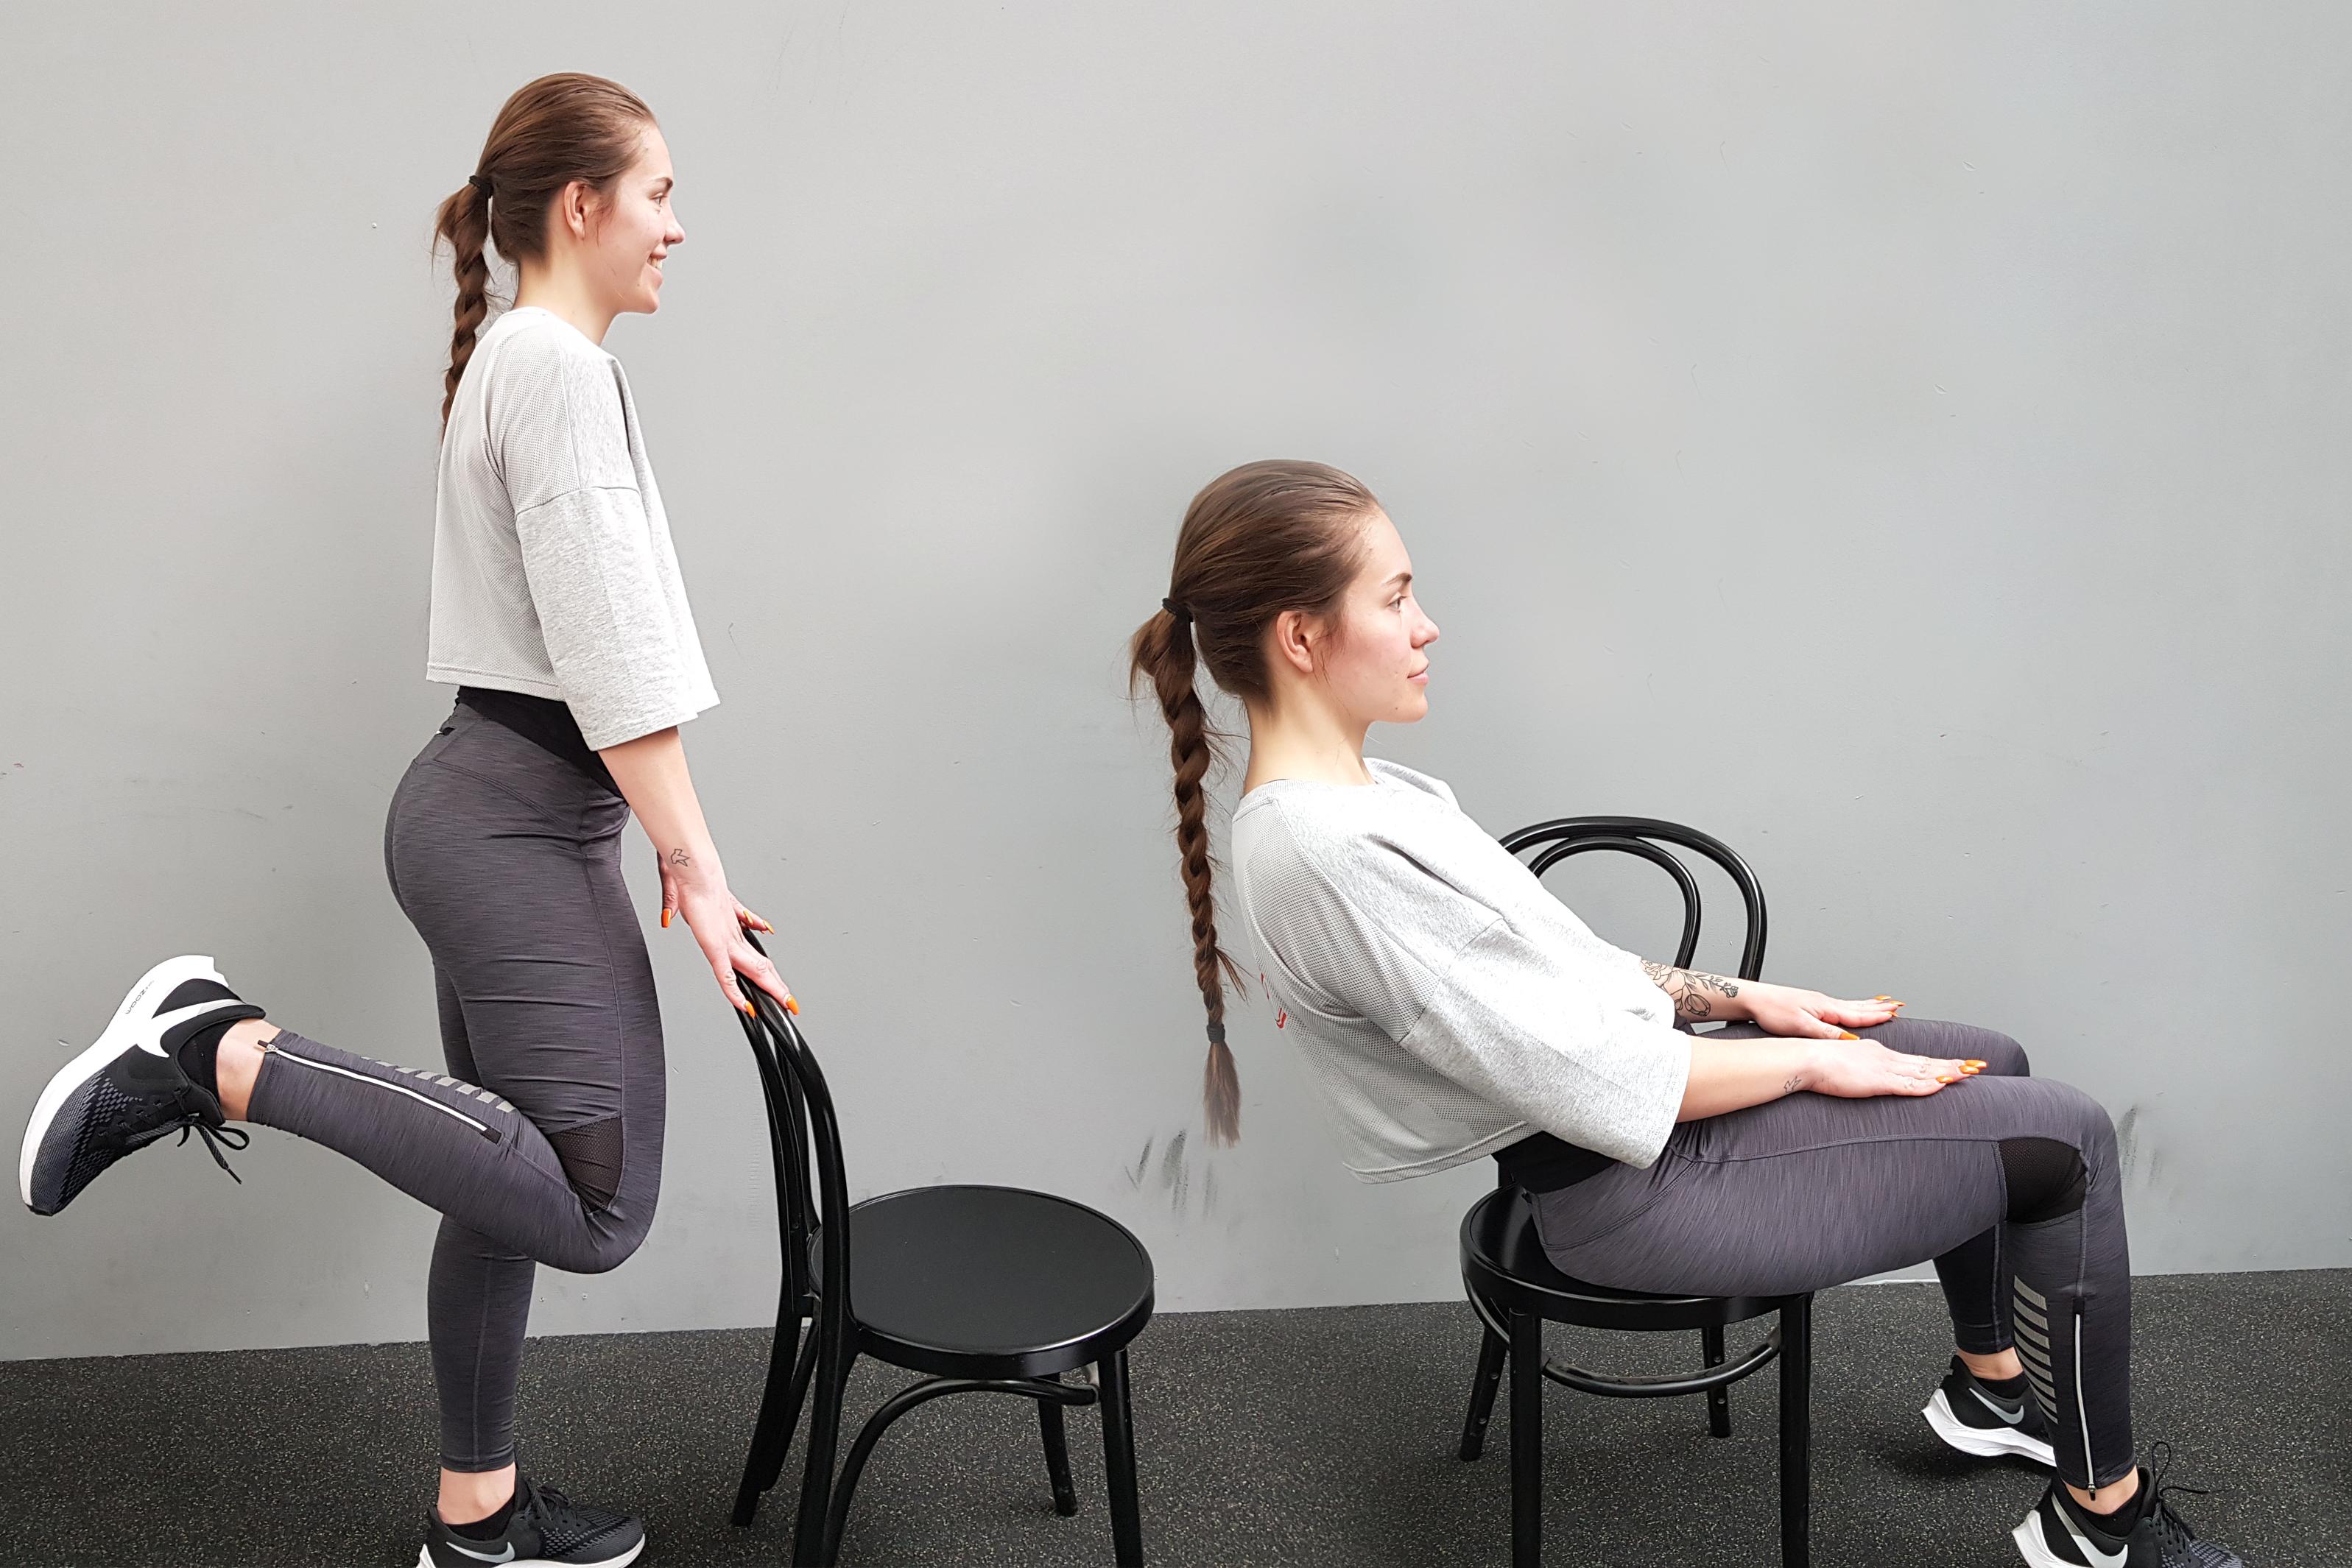 Erica visa 2 övningar med hjälp av en stol. Knäböj bakom stolen och magträning bakåtlutad sittandes på stolen